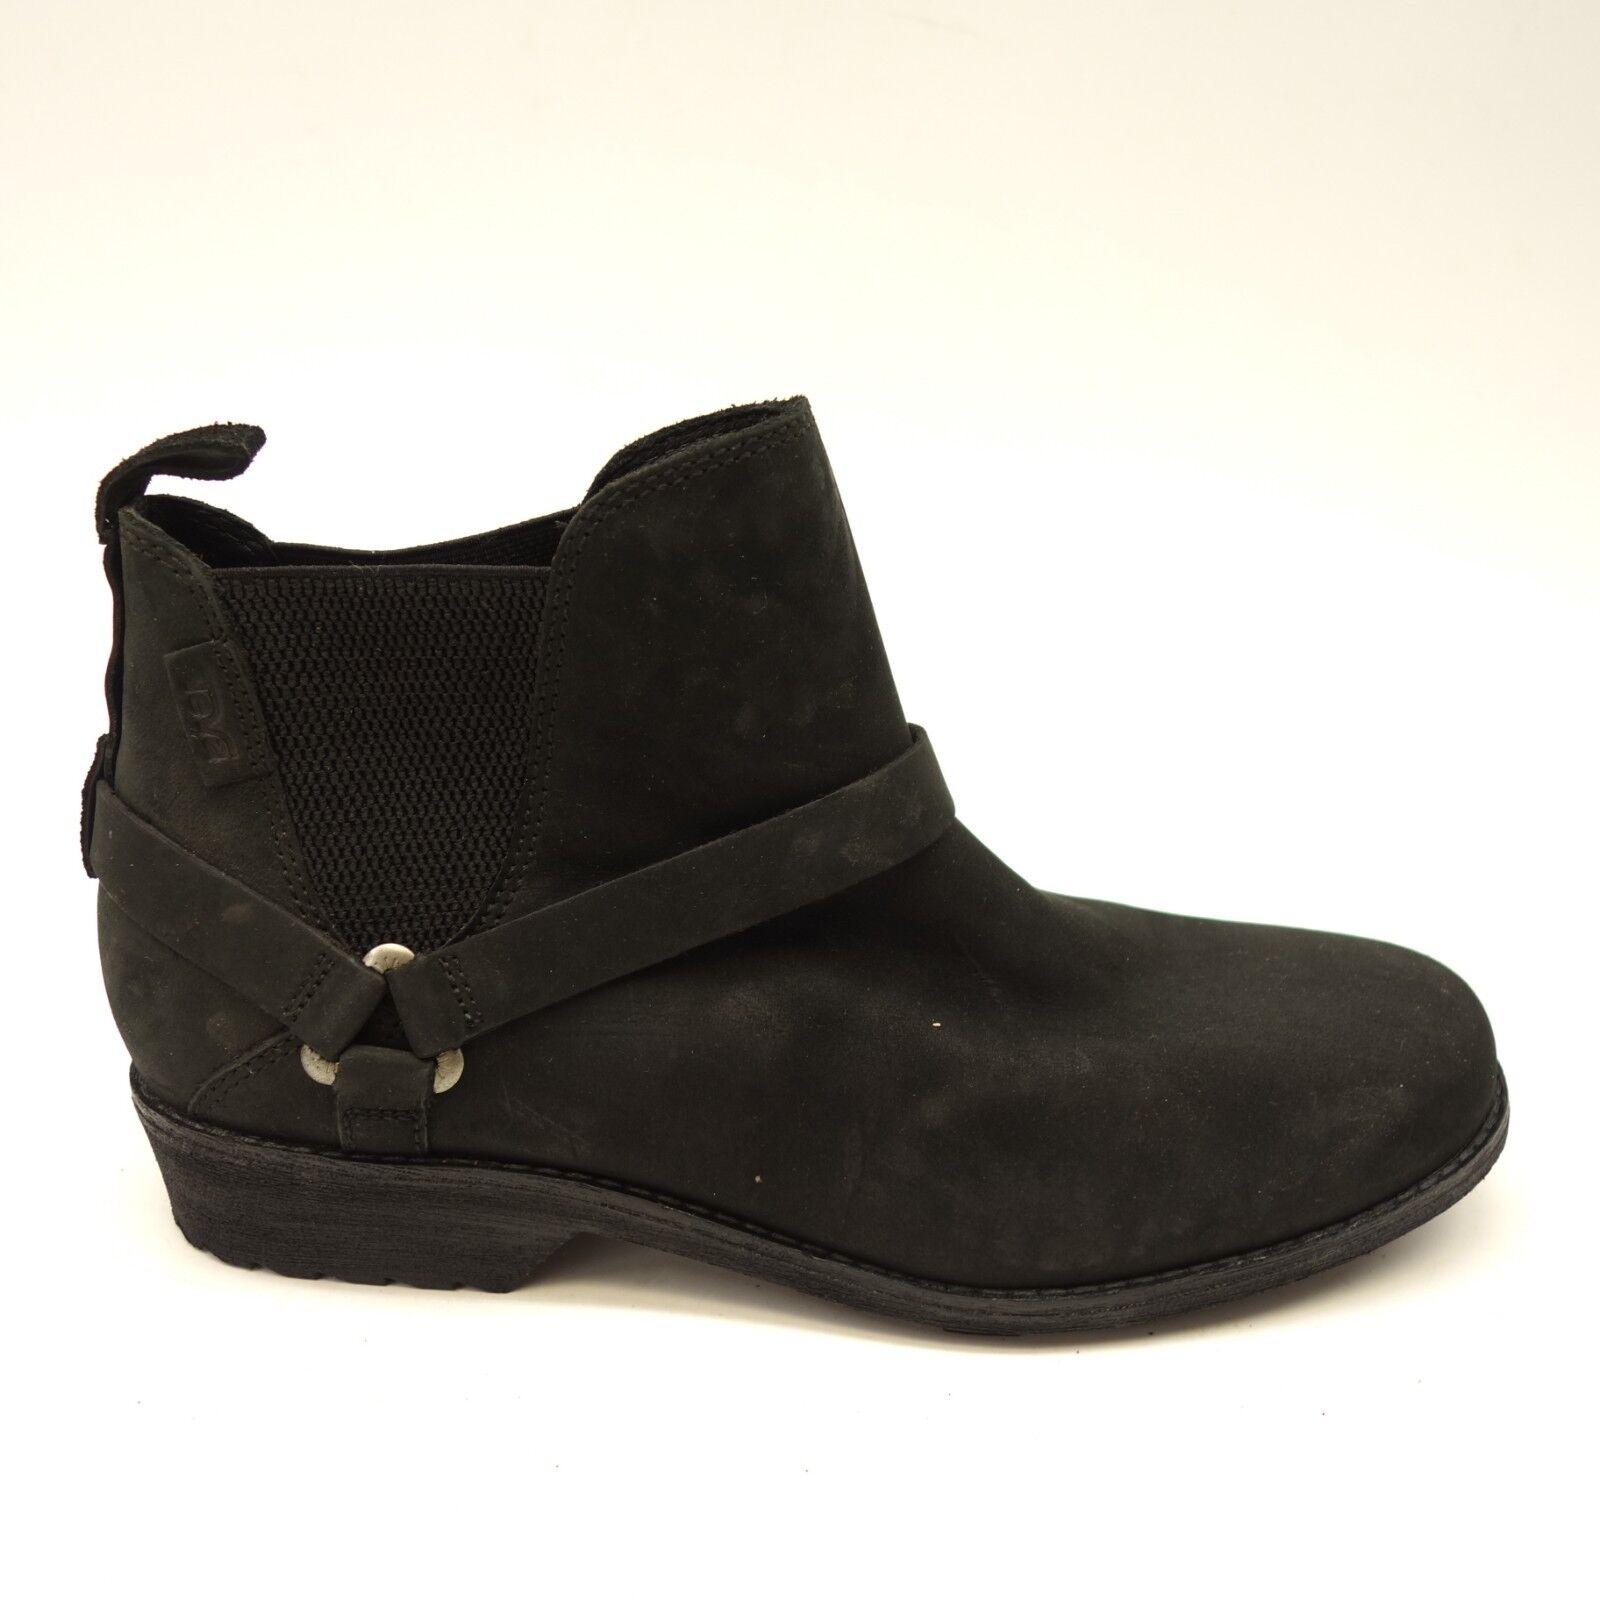 Teva Womens De La Vina Dos Boots Low Waterproof Black Riding Boots US 9